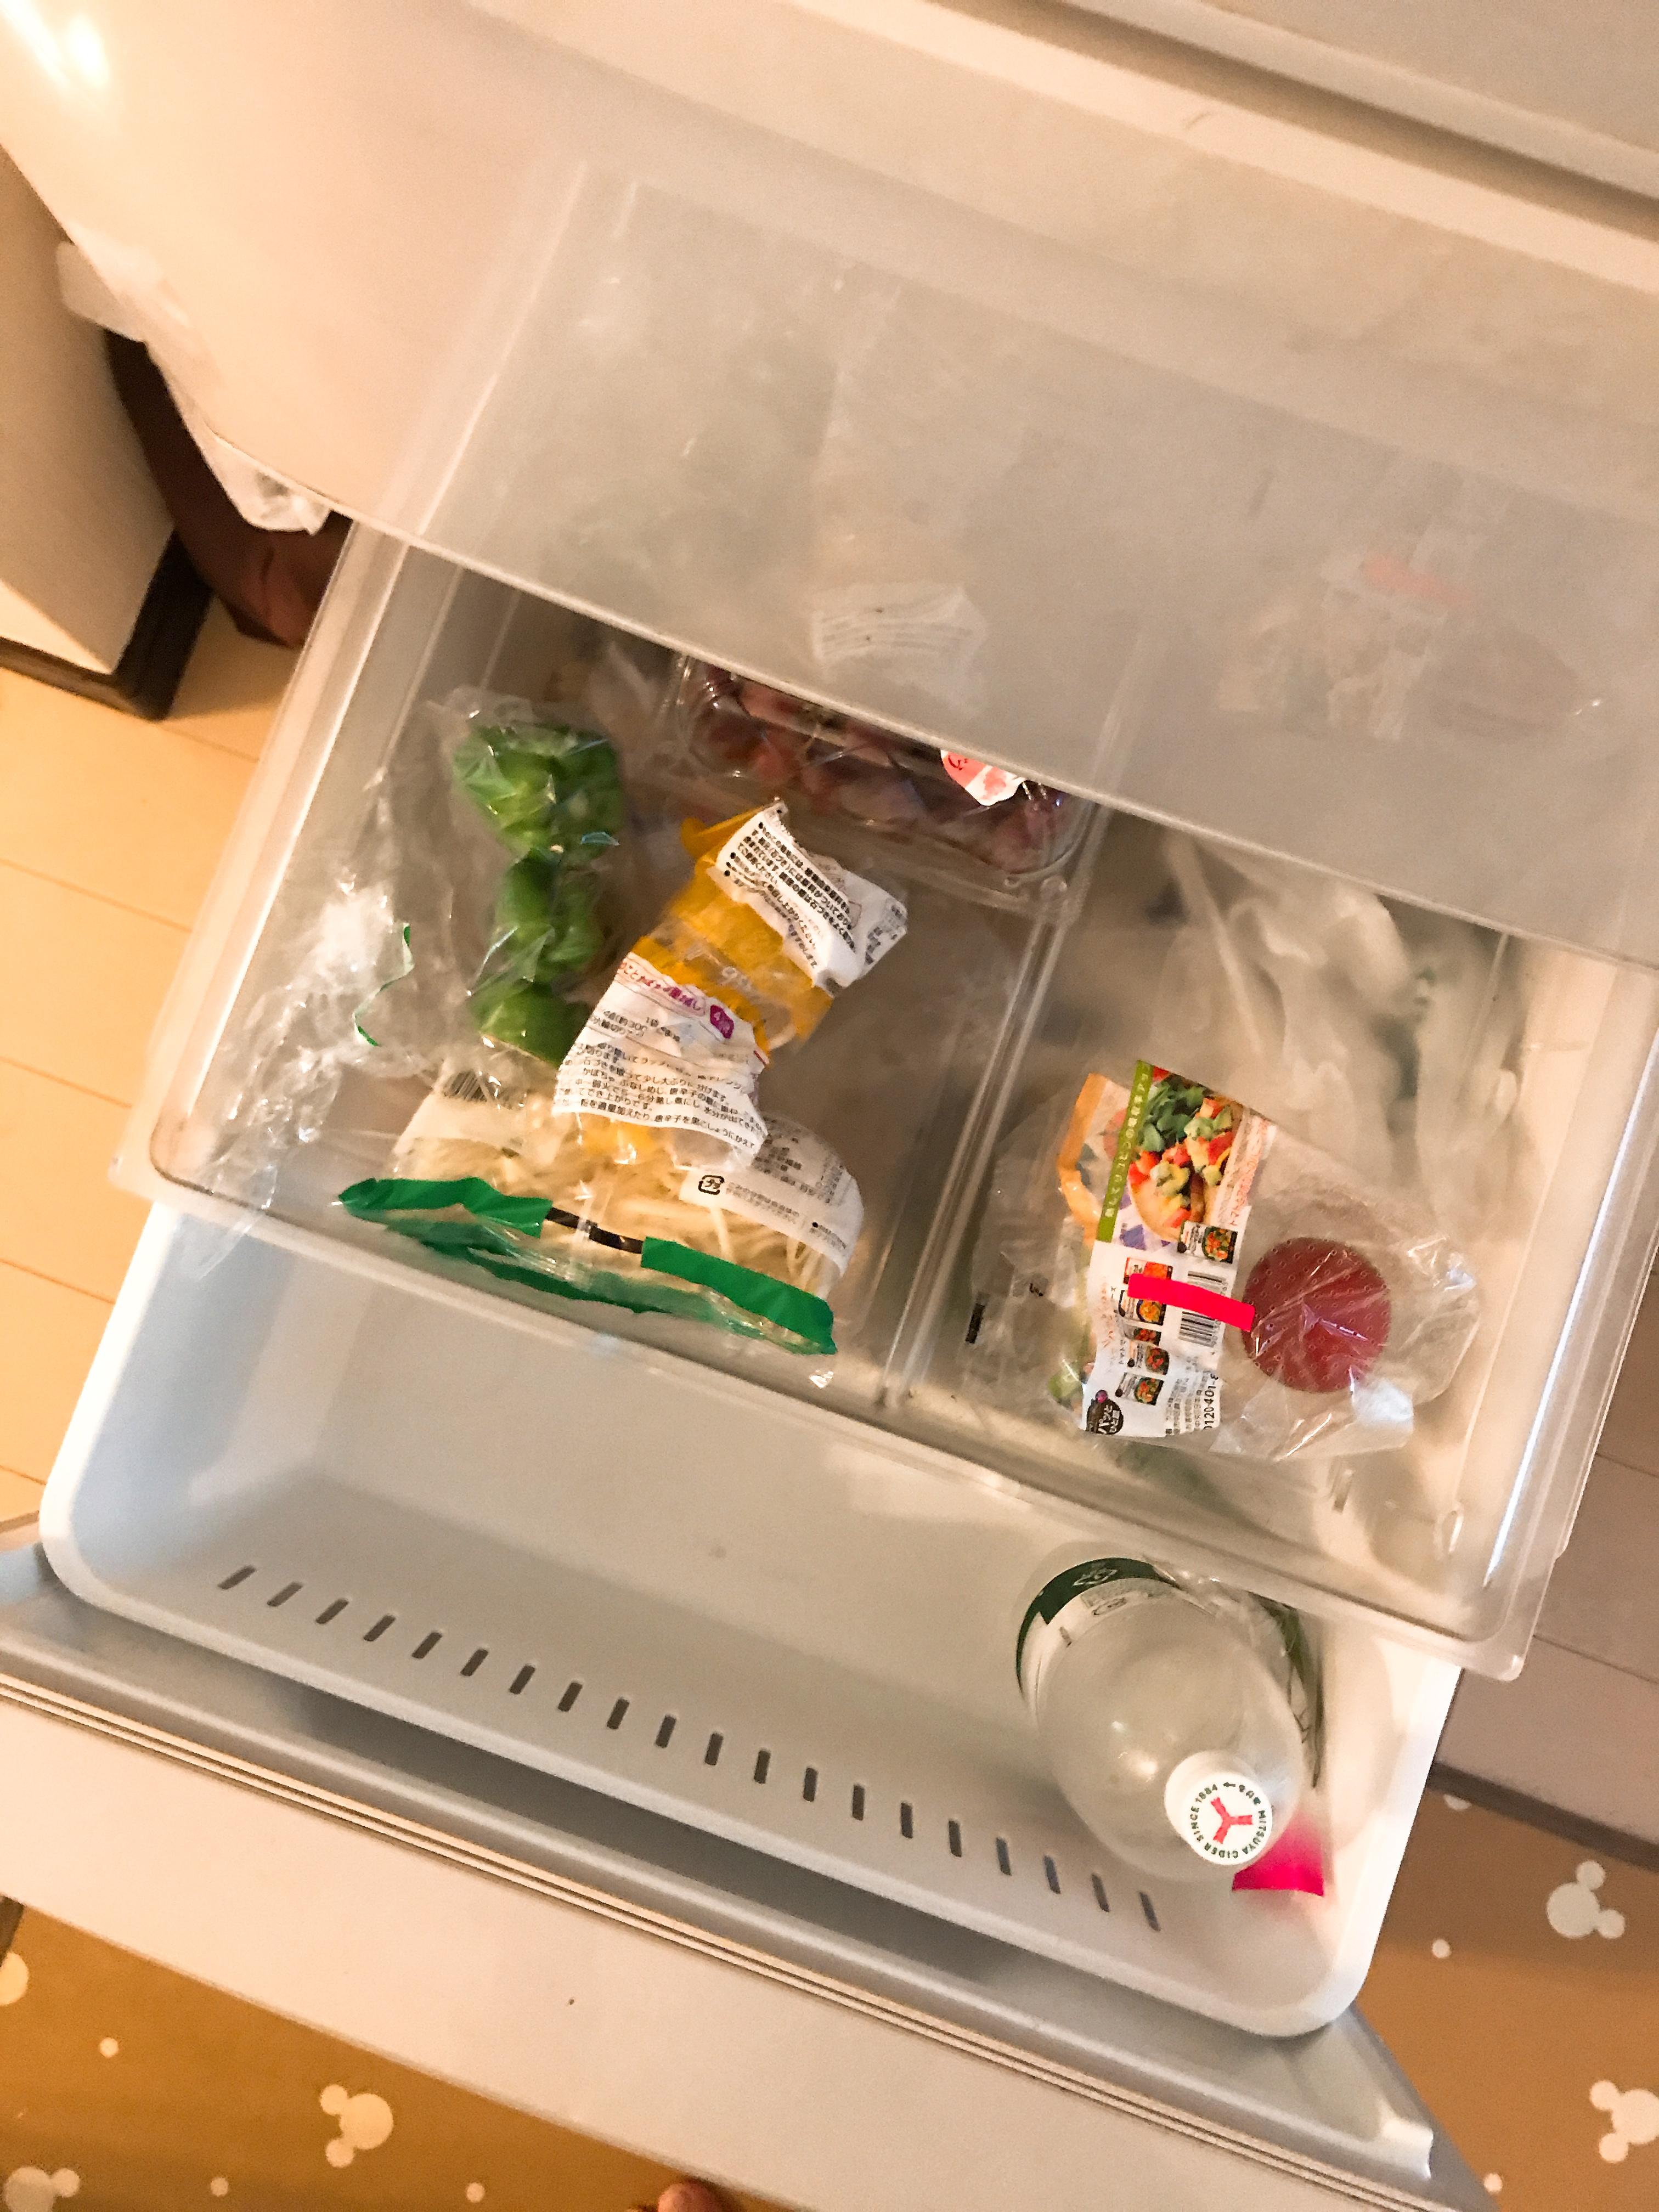 冷蔵庫の中身がピンチ…でも意外とごはんは用意できる